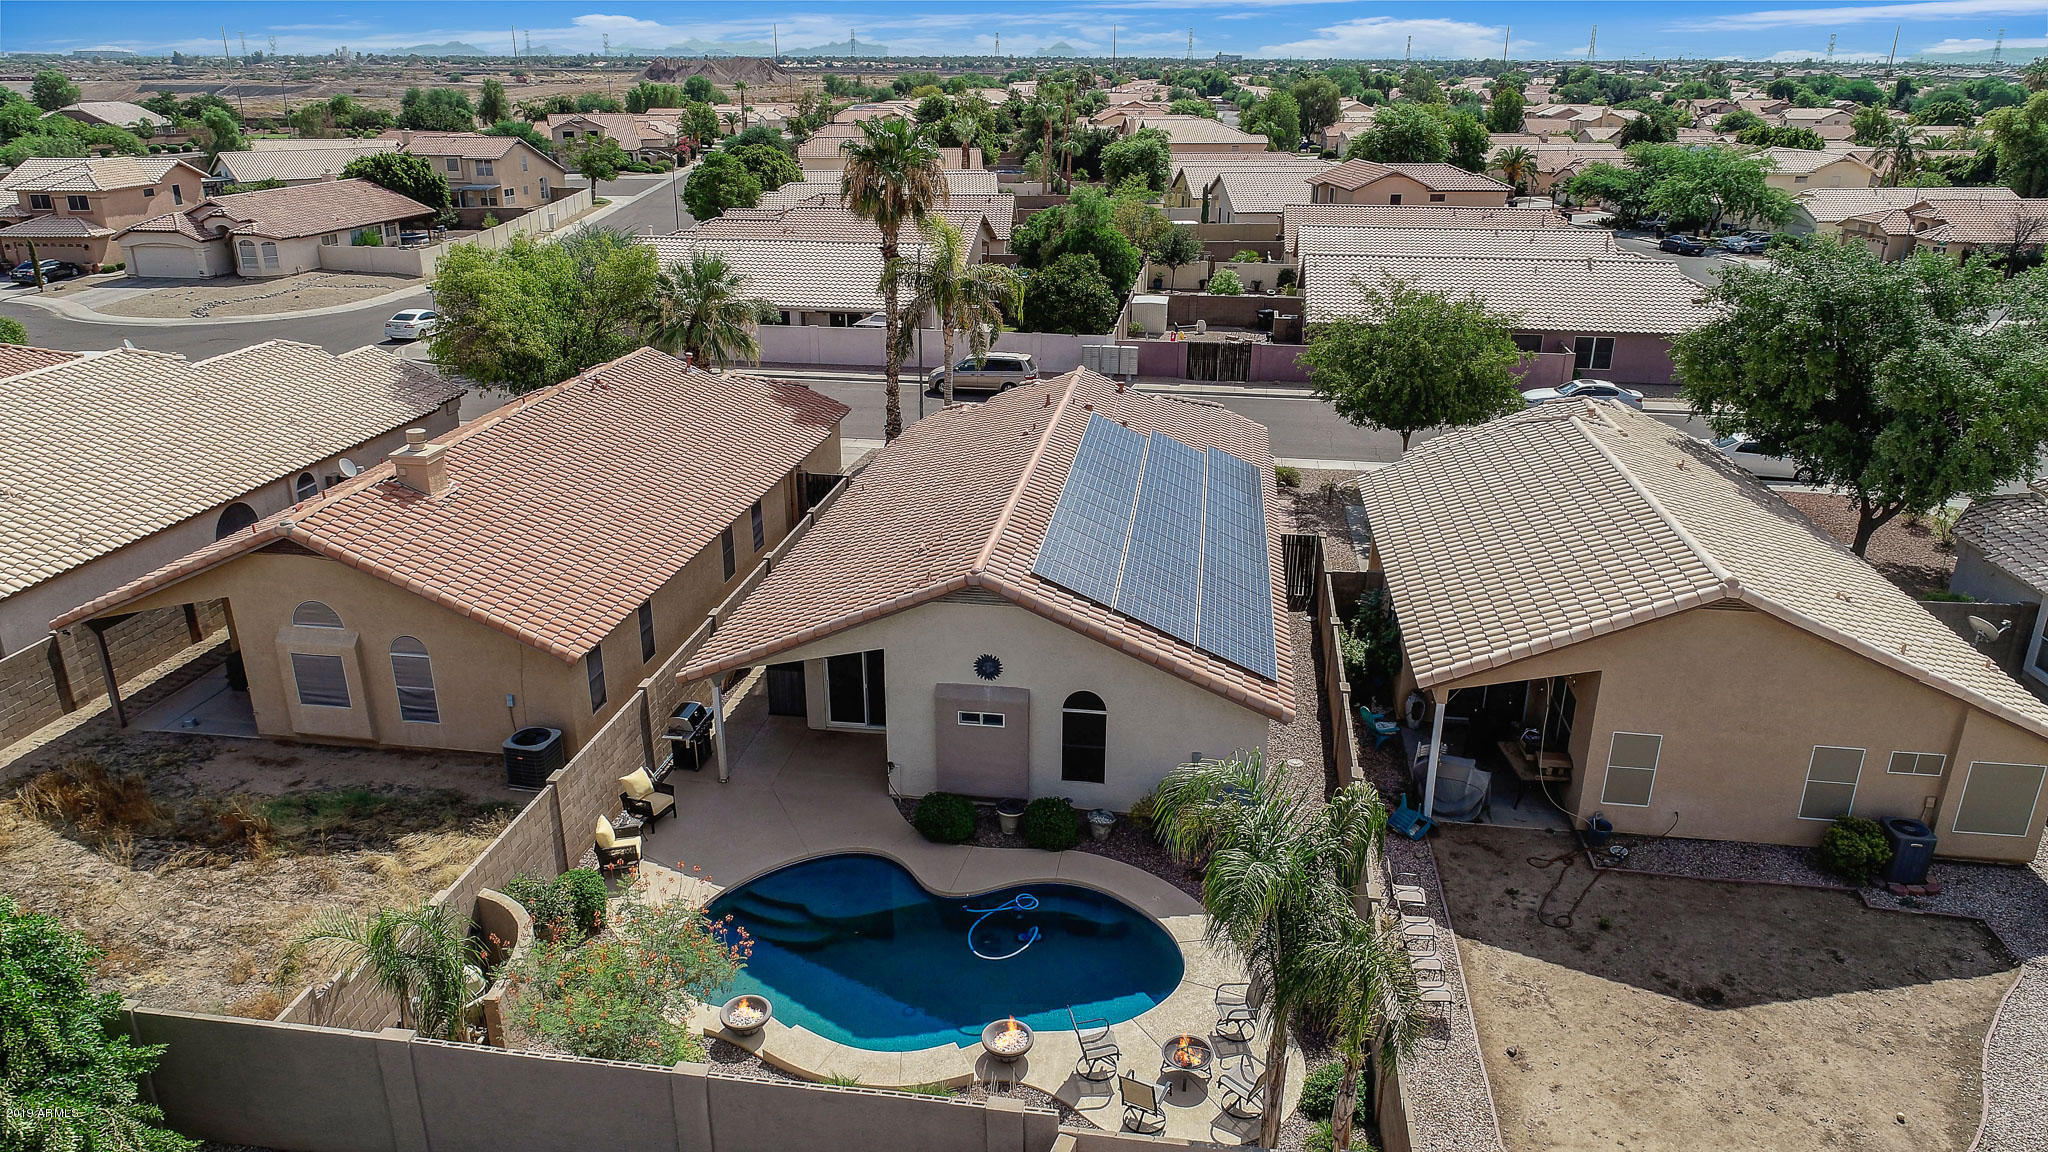 MLS 5959184 2712 N 126TH Drive, Avondale, AZ 85392 Avondale AZ Eco-Friendly